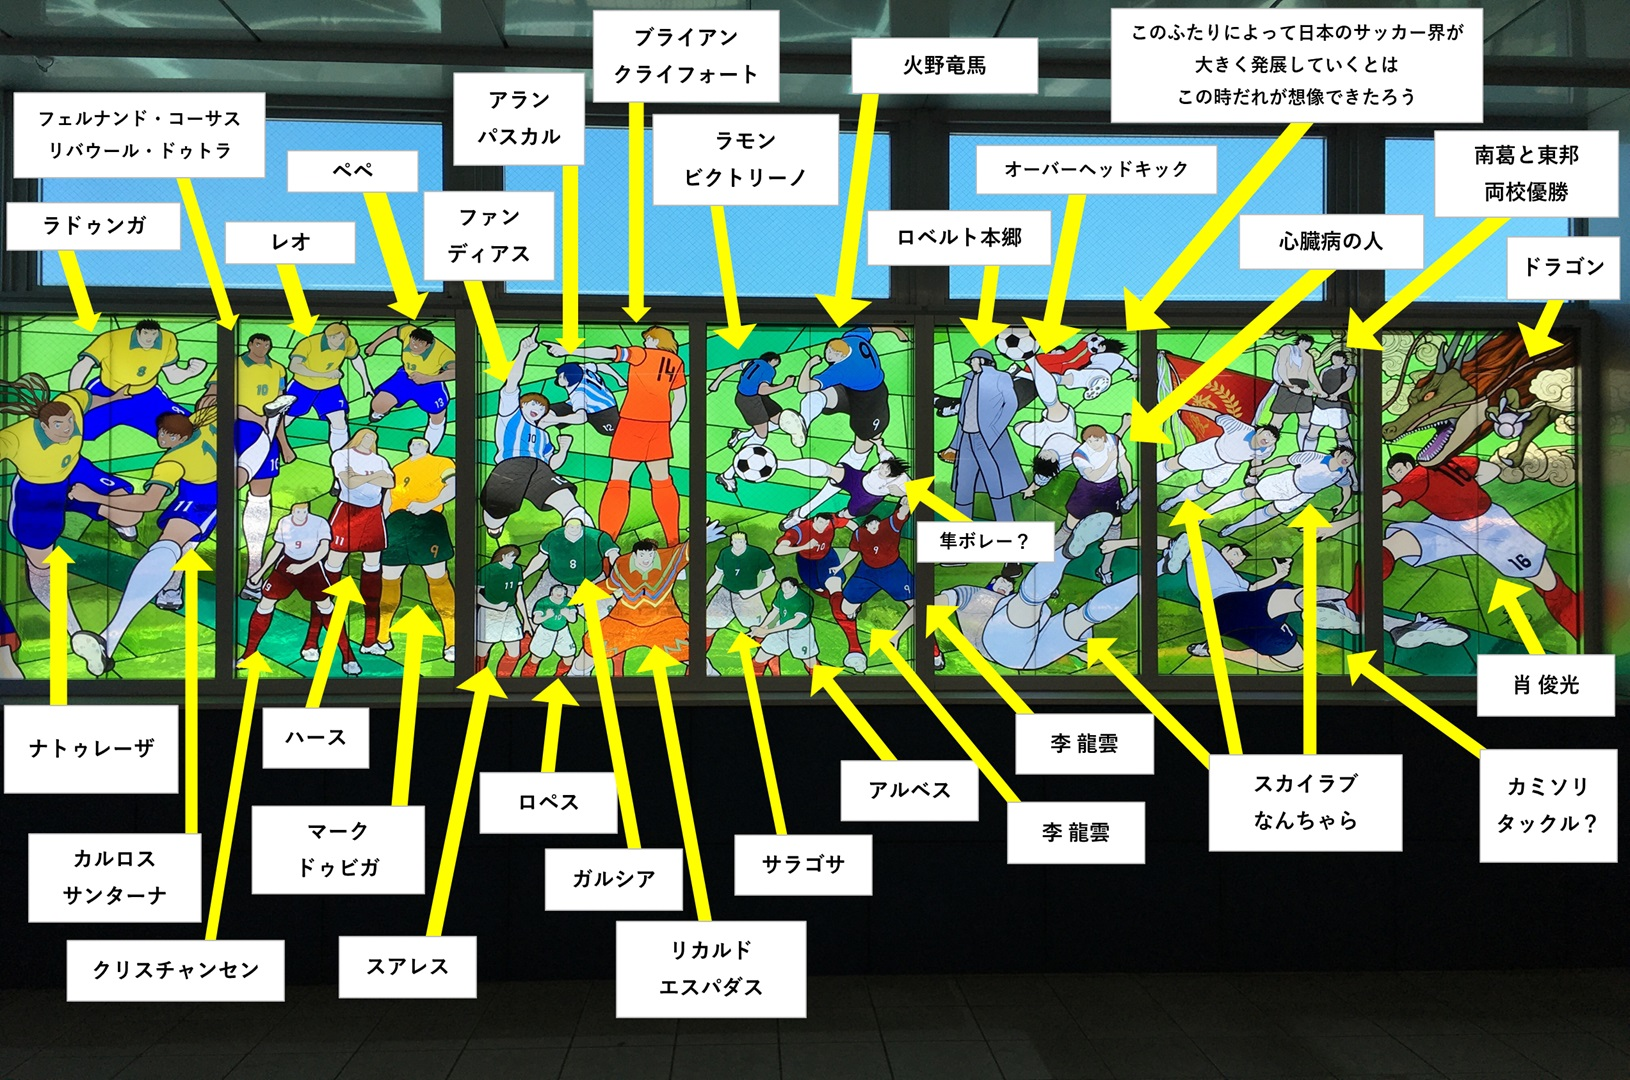 浦和美園駅のキャプテン翼ステンドグラス3